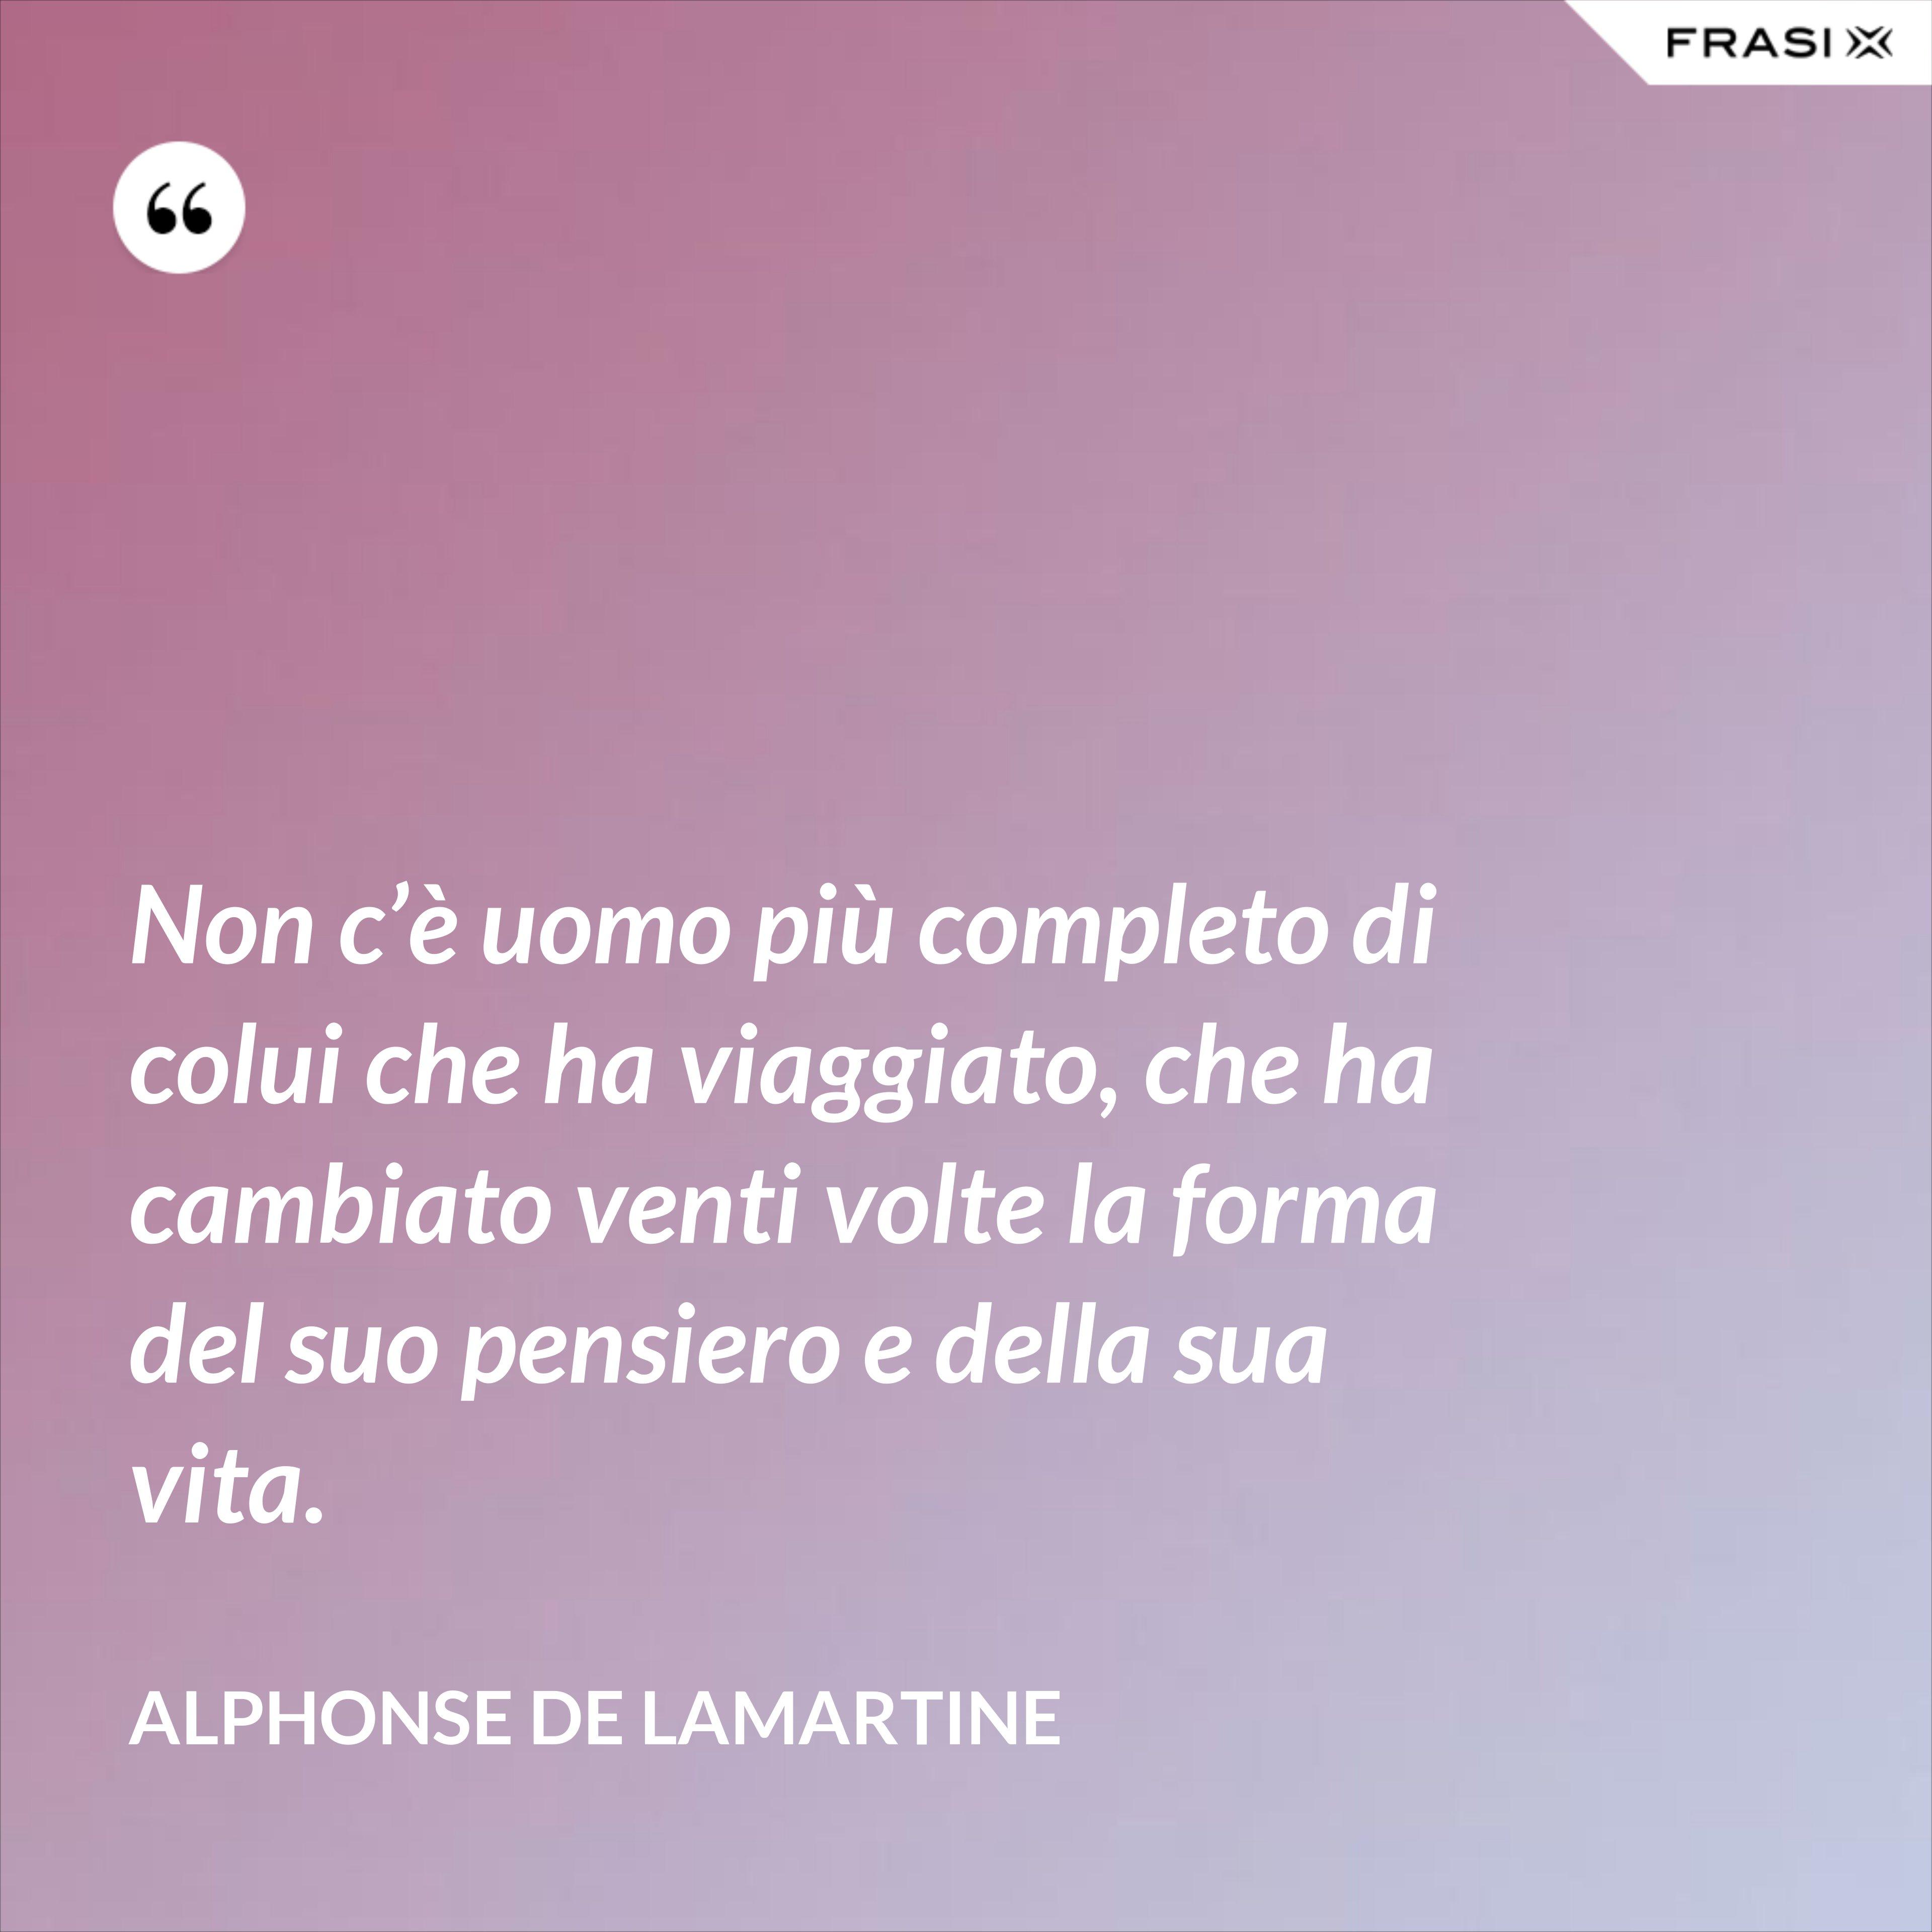 Non c'è uomo più completo di colui che ha viaggiato, che ha cambiato venti volte la forma del suo pensiero e della sua vita. - Alphonse de Lamartine